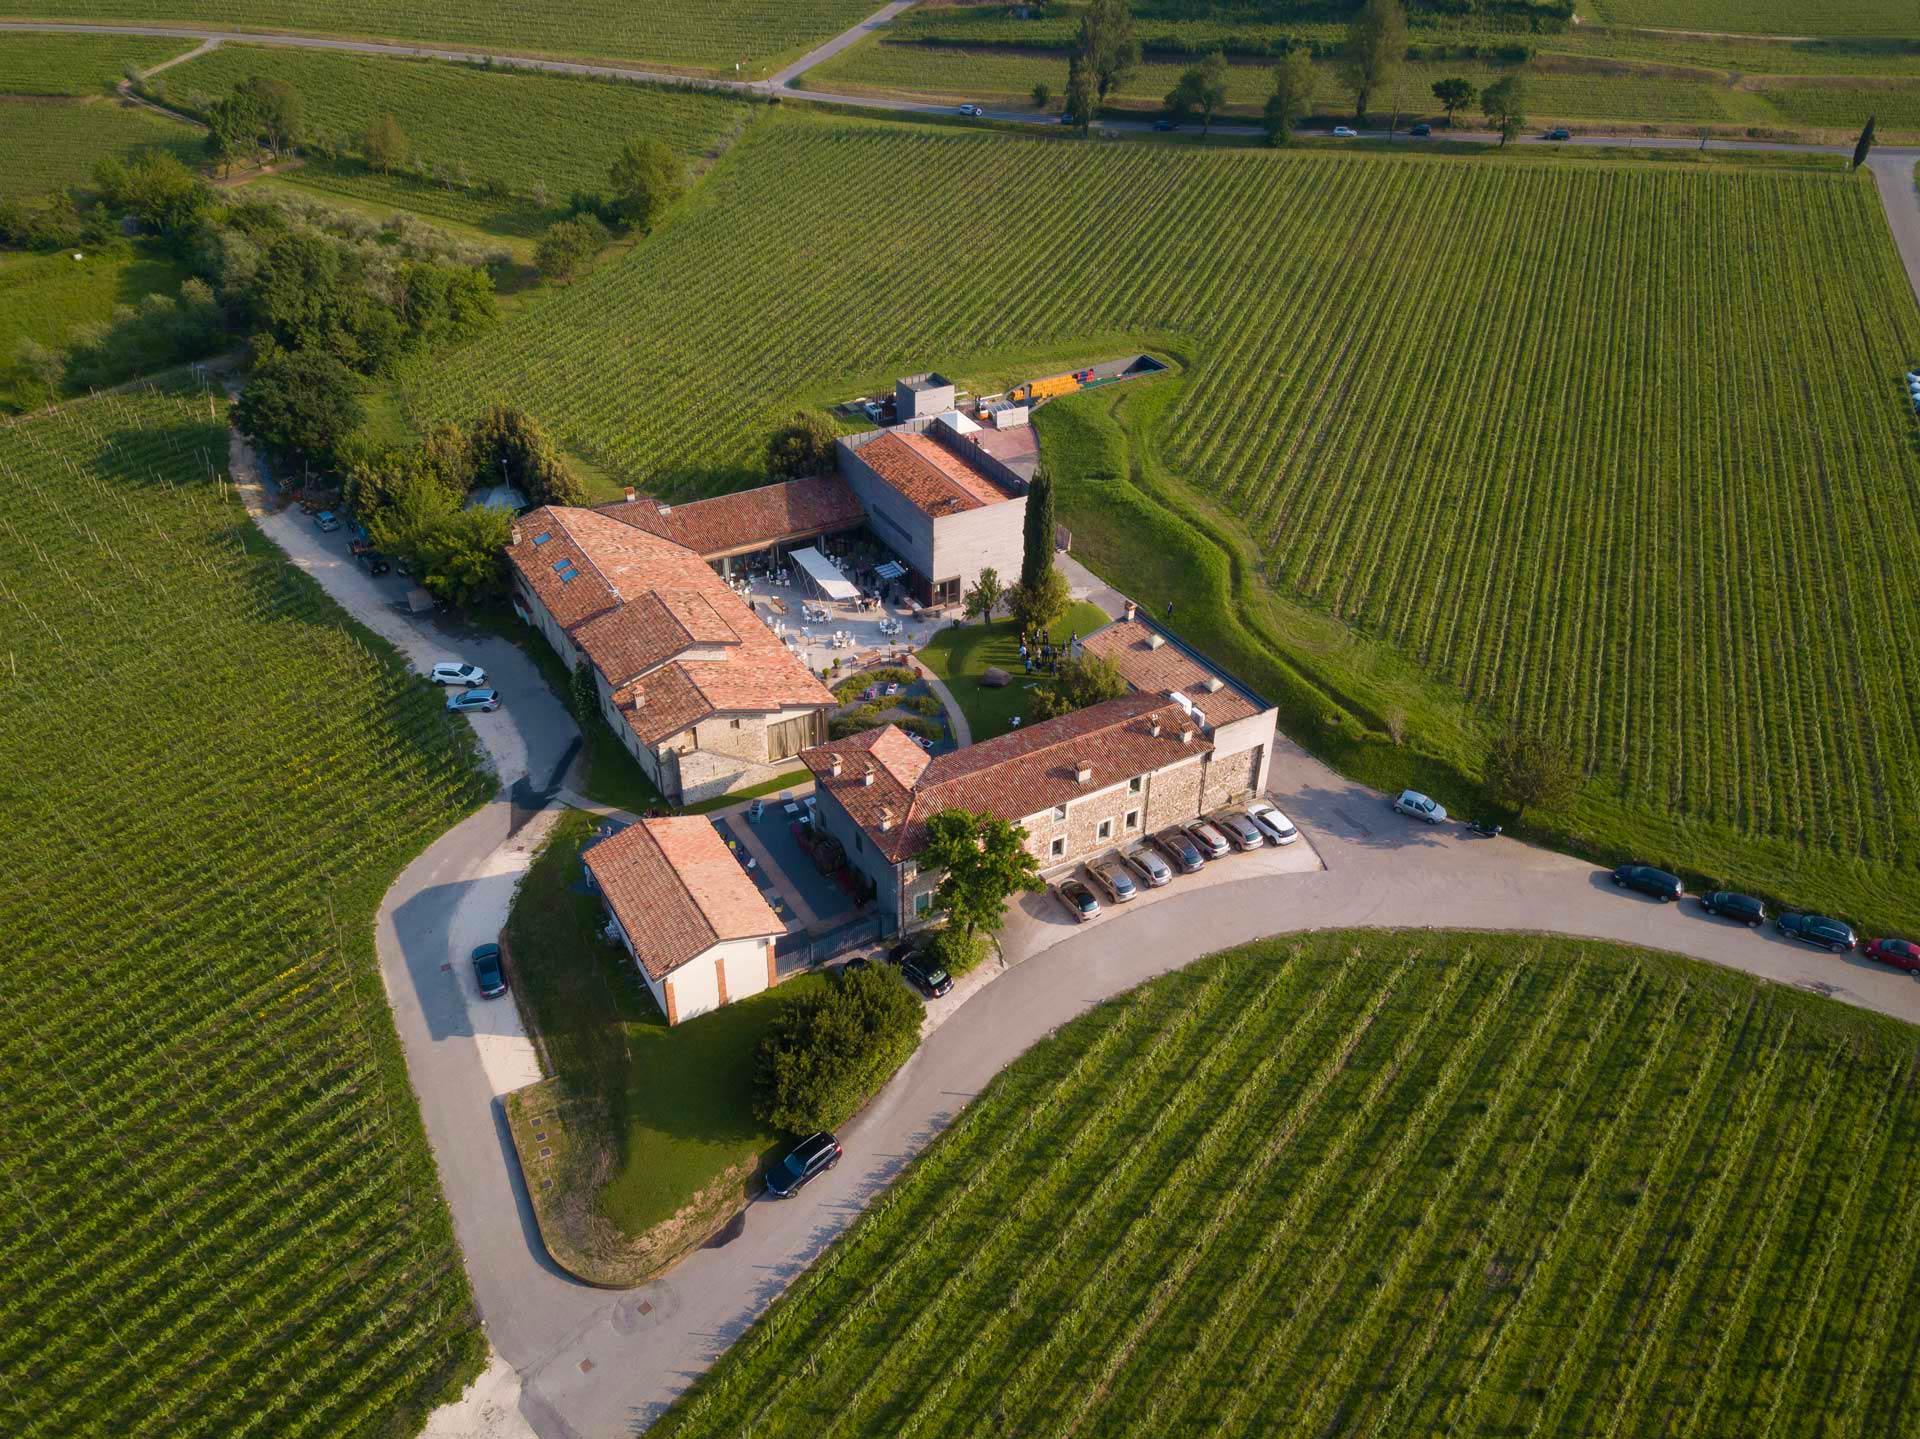 esperienza drone immagine portfolio turismo promozione territorio italia antiche residenze castelli alberghi hotel bb 1.jpg